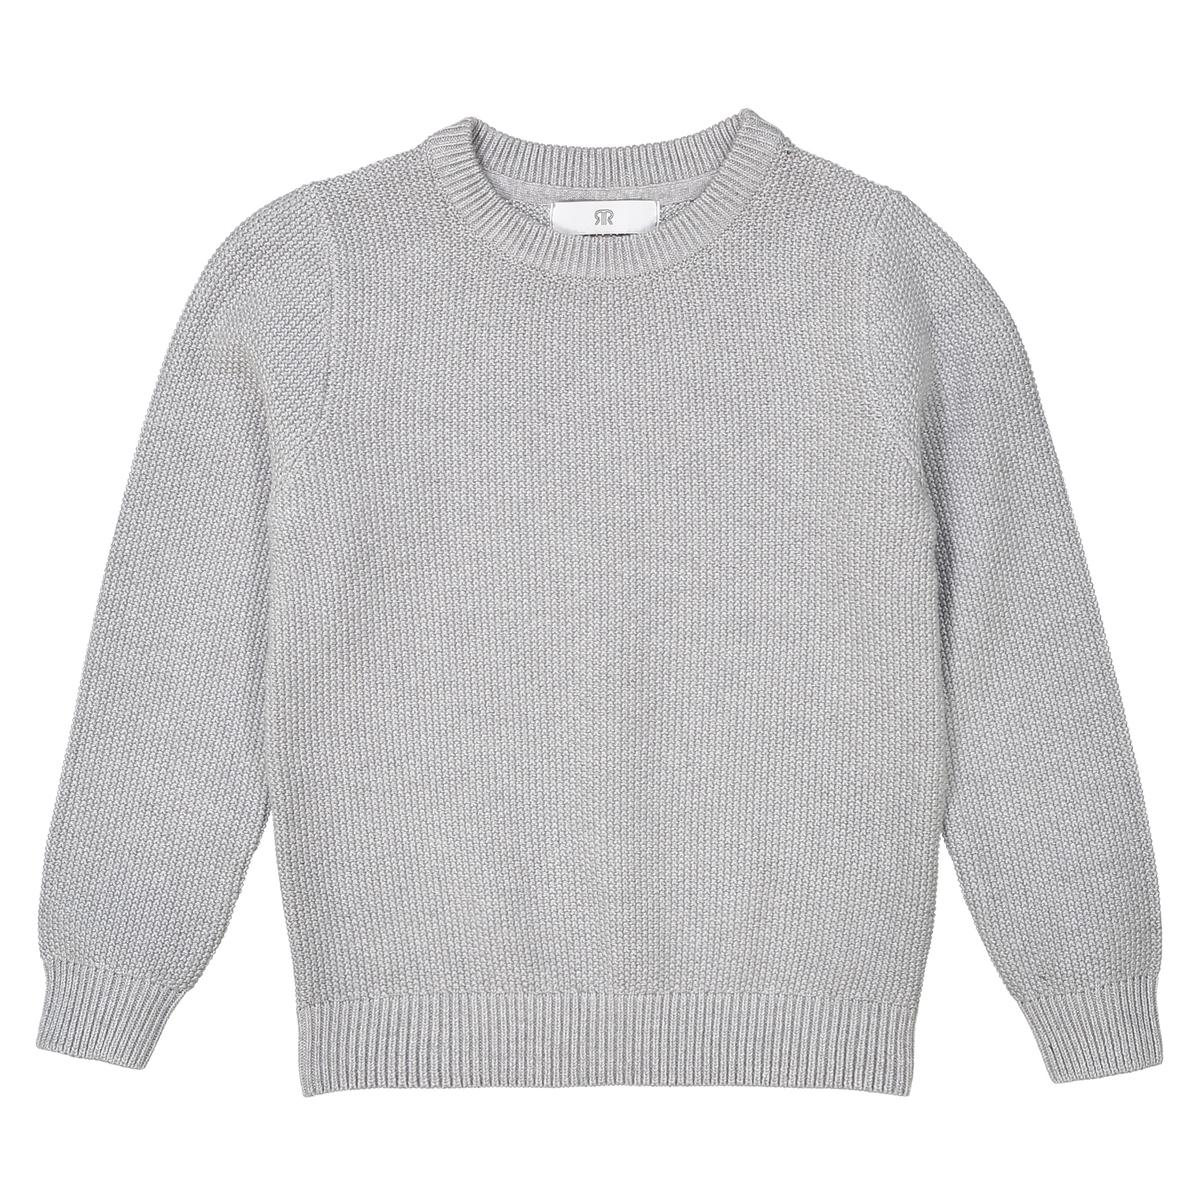 Пуловер La Redoute С круглым вырезом 3 года - 94 см серый футболка la redoute с круглым вырезом и принтом спереди 3 года 94 см серый